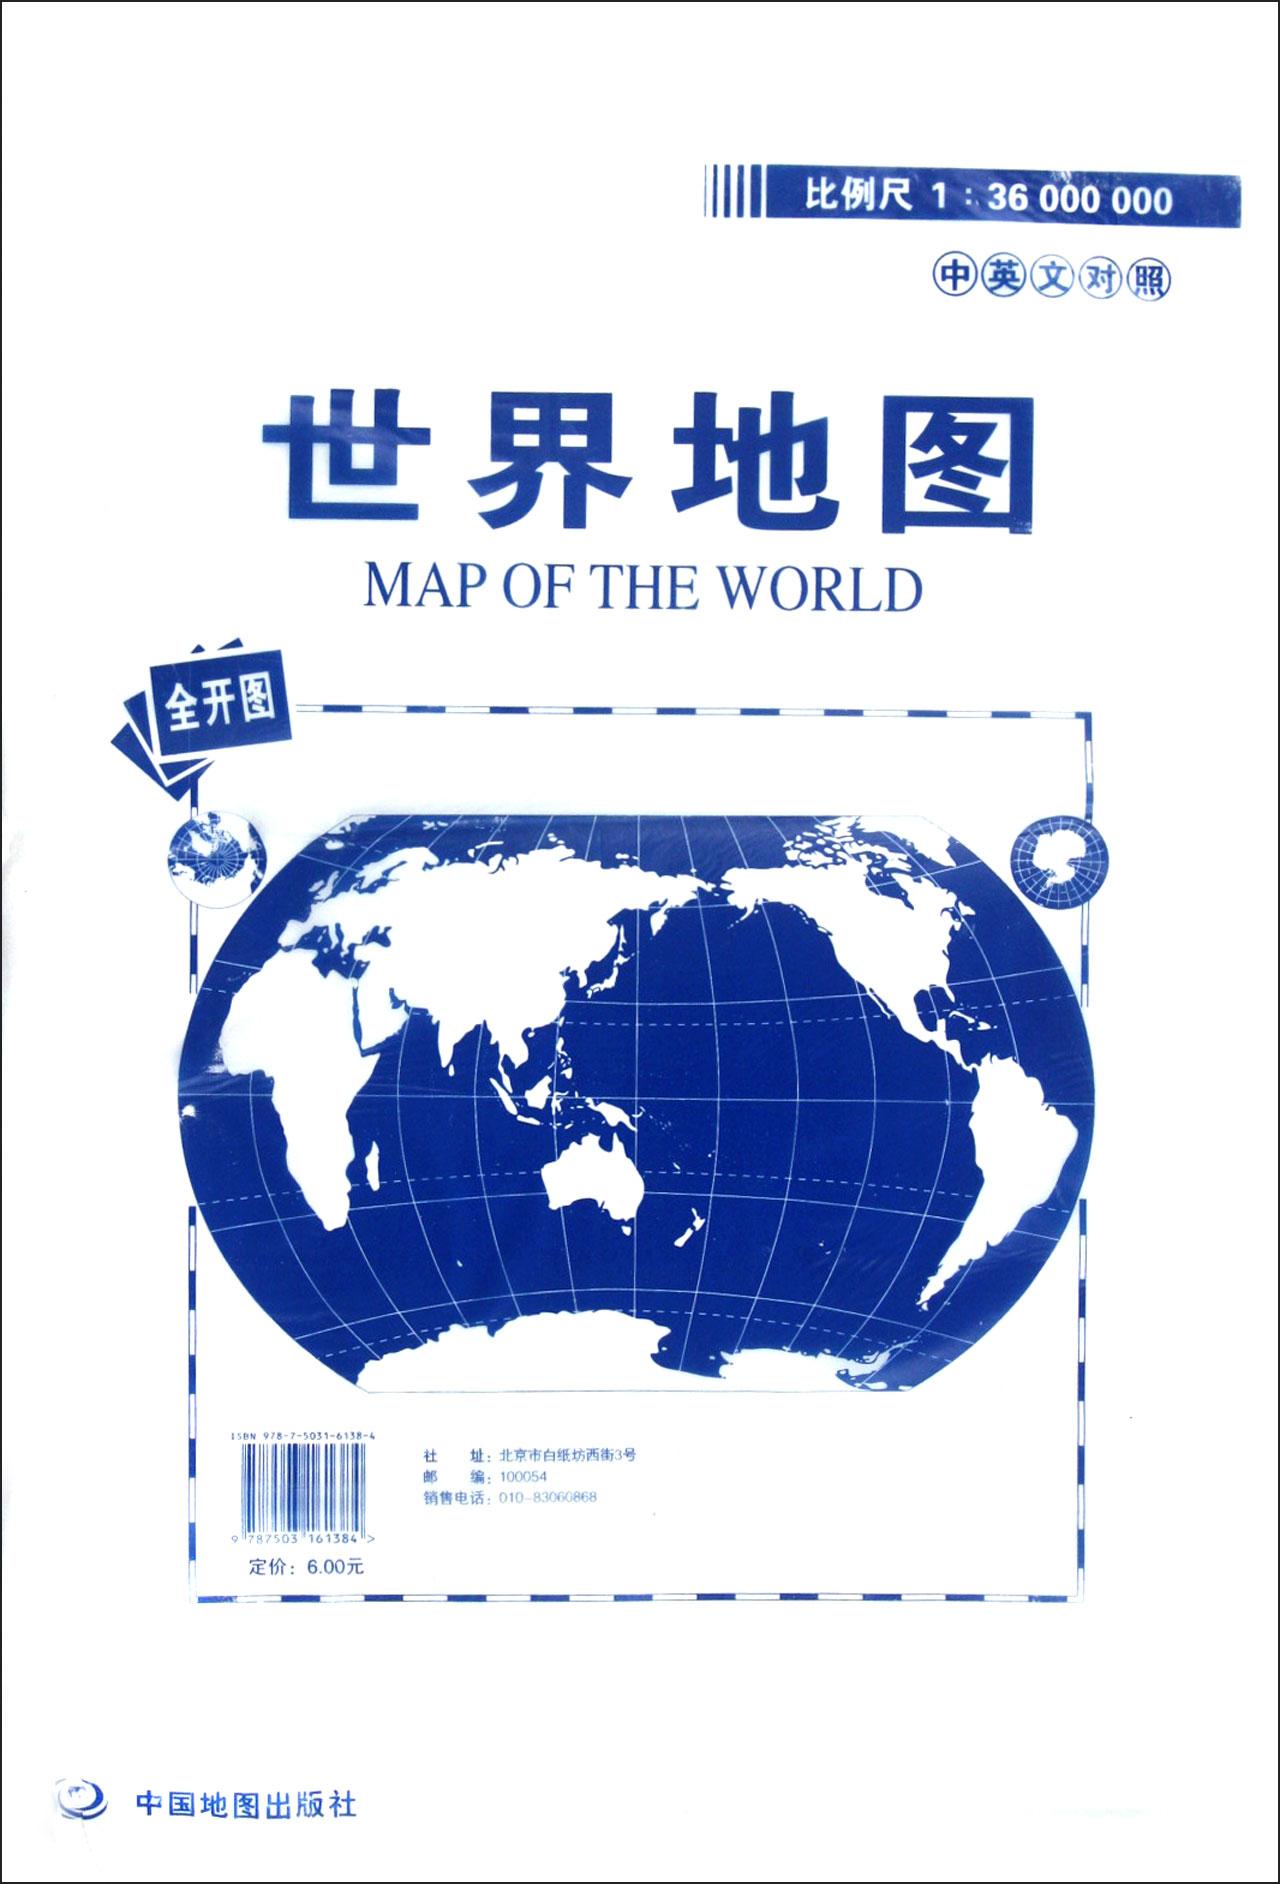 世界地图1:36000000中英文对照